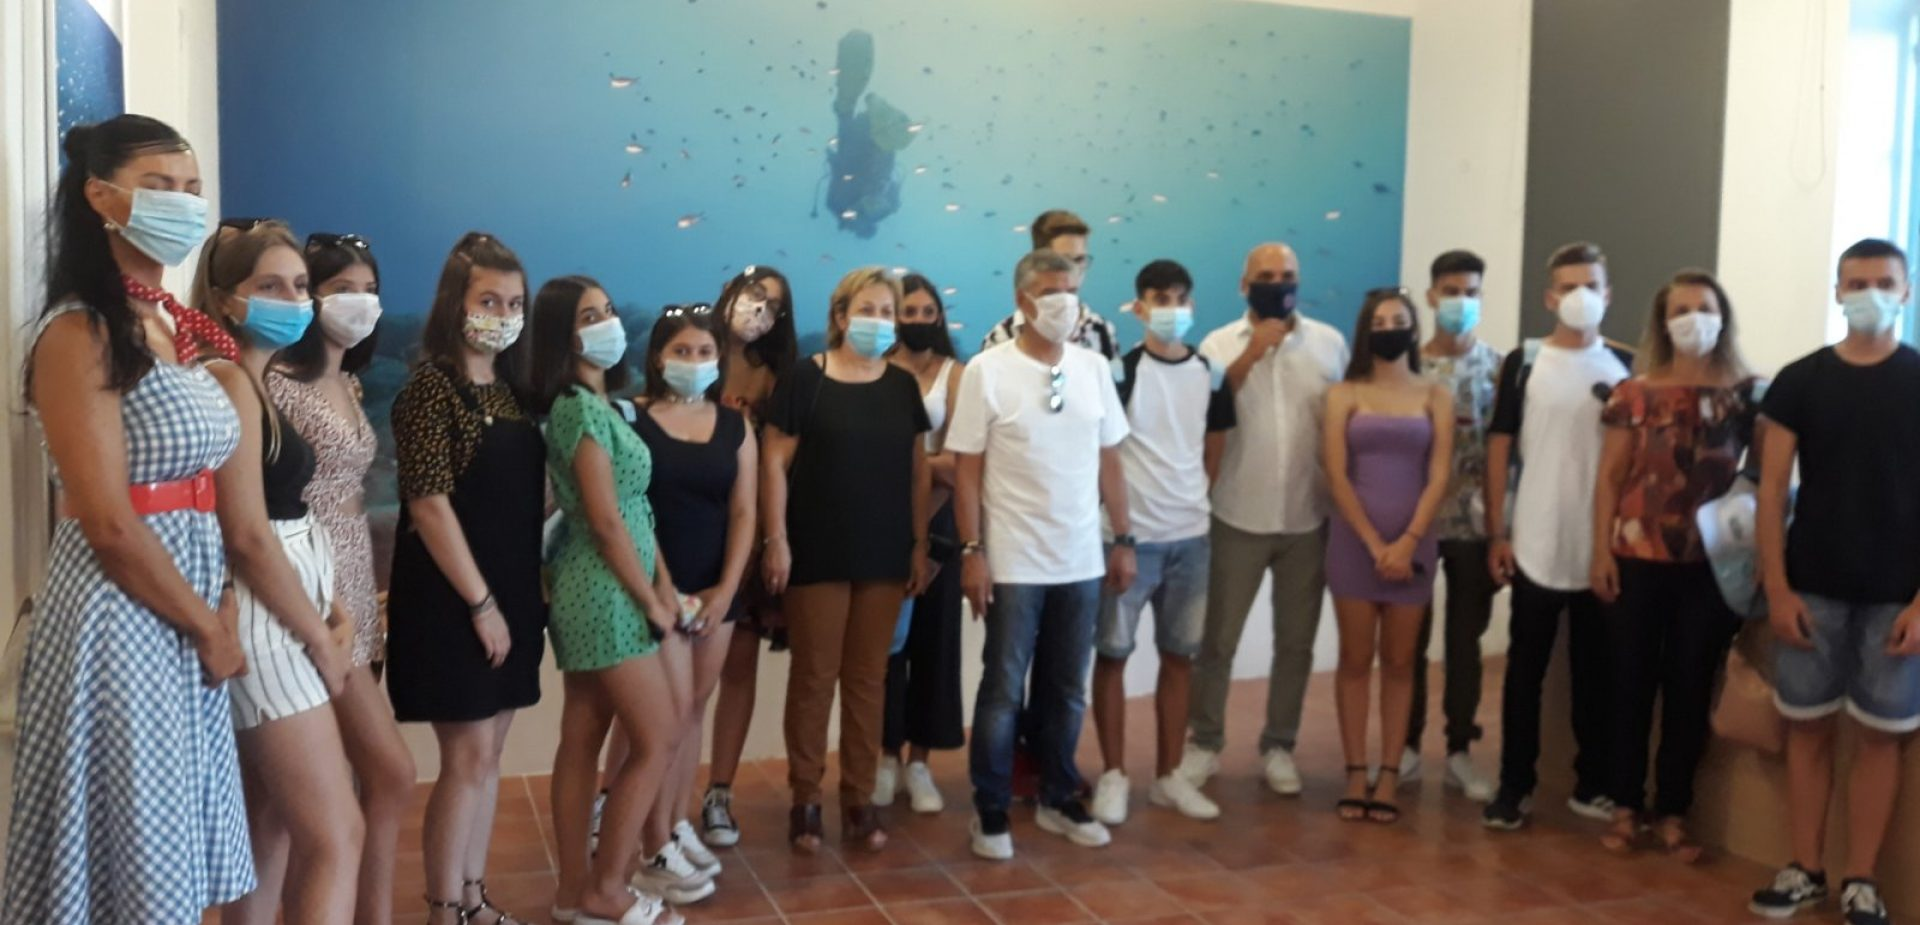 Μαθητές σχολείων της Θεσσαλίας στην Αλόννησο για εικονική κατάδυση στο ναυάγιο Περιστέρας και μαθήματα υποβρύχιας αρχαιολογίας